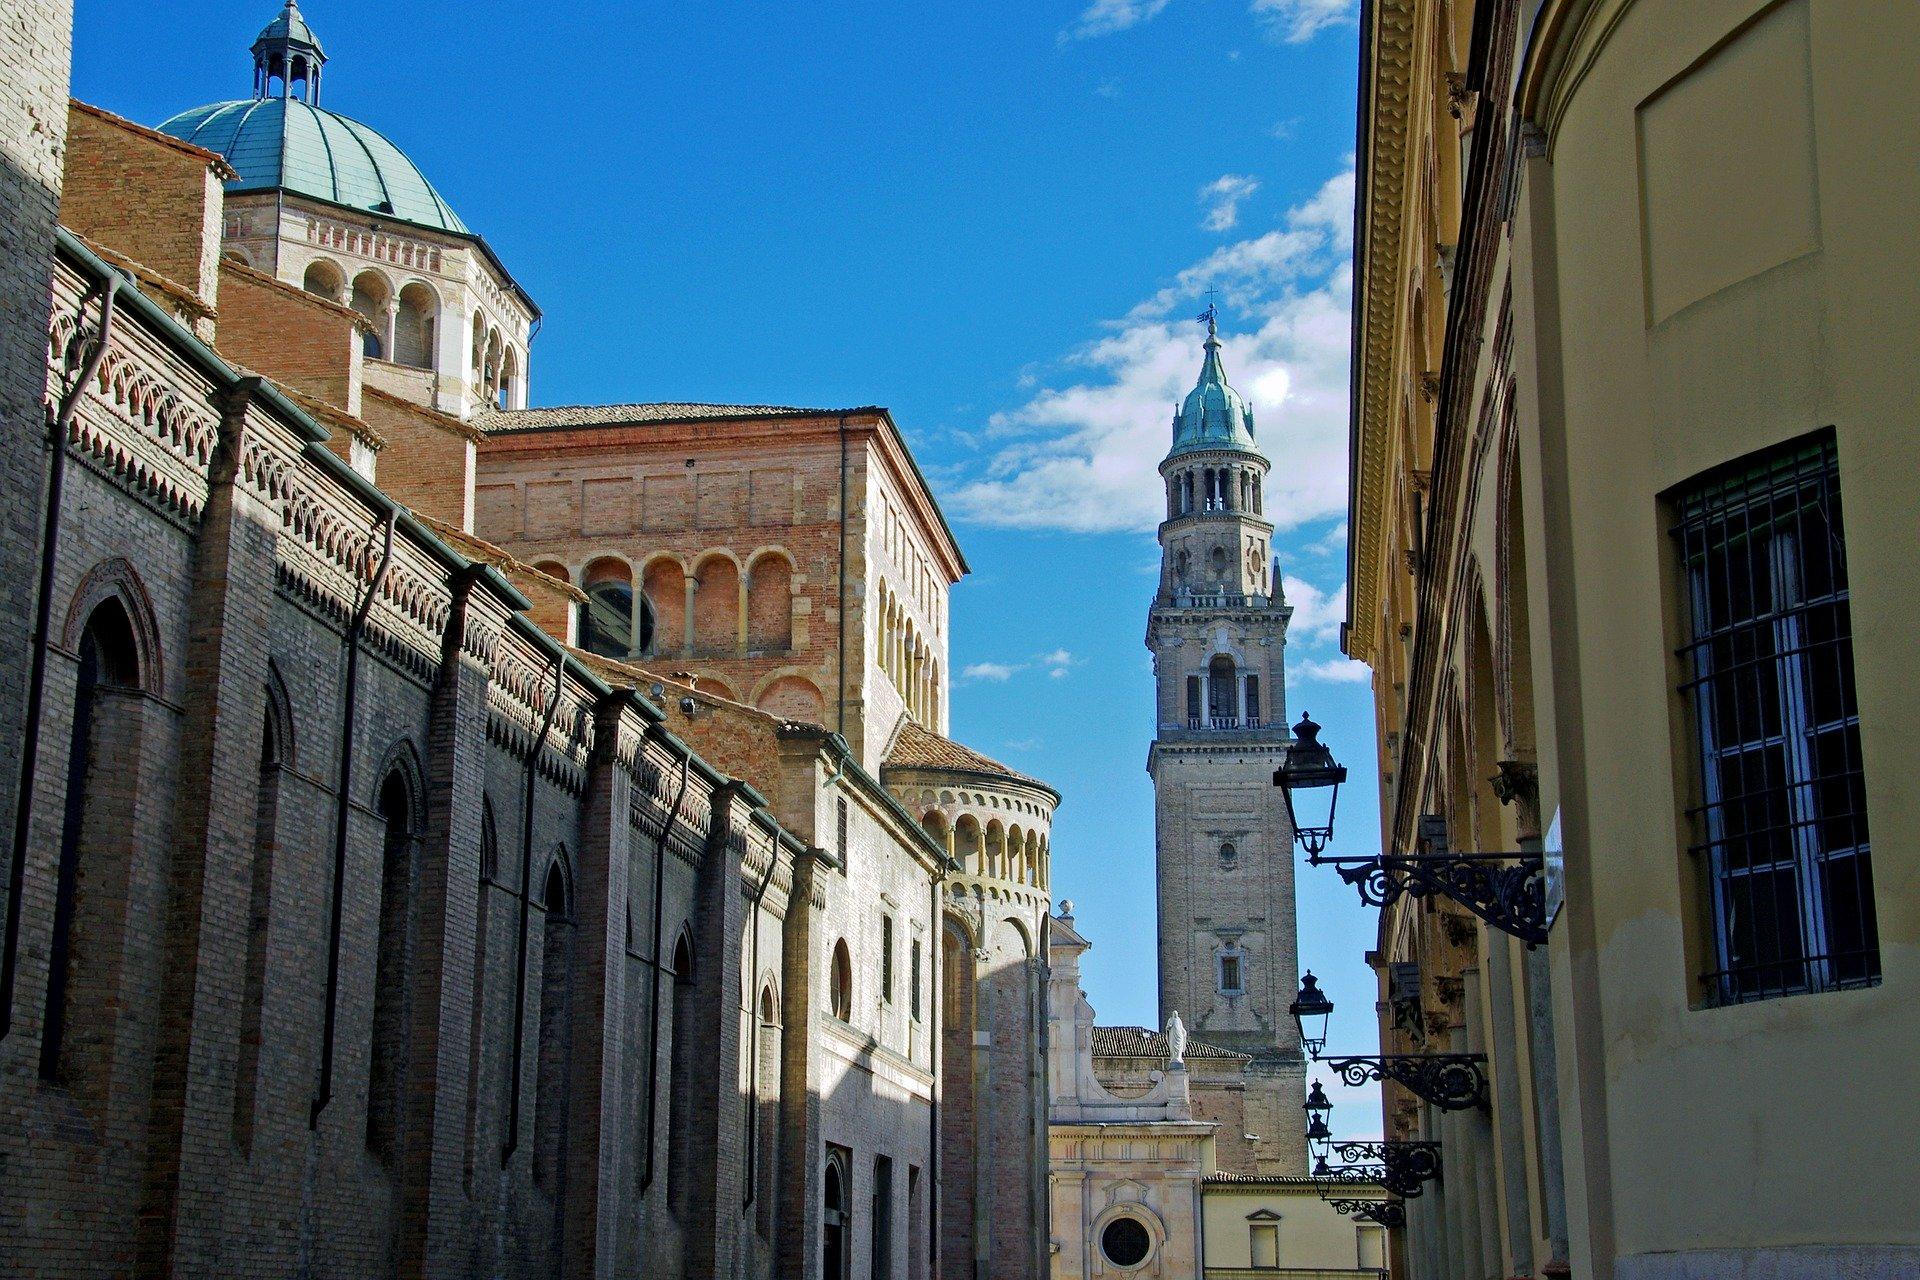 Parma Capitale della Cultura 2020 eventi